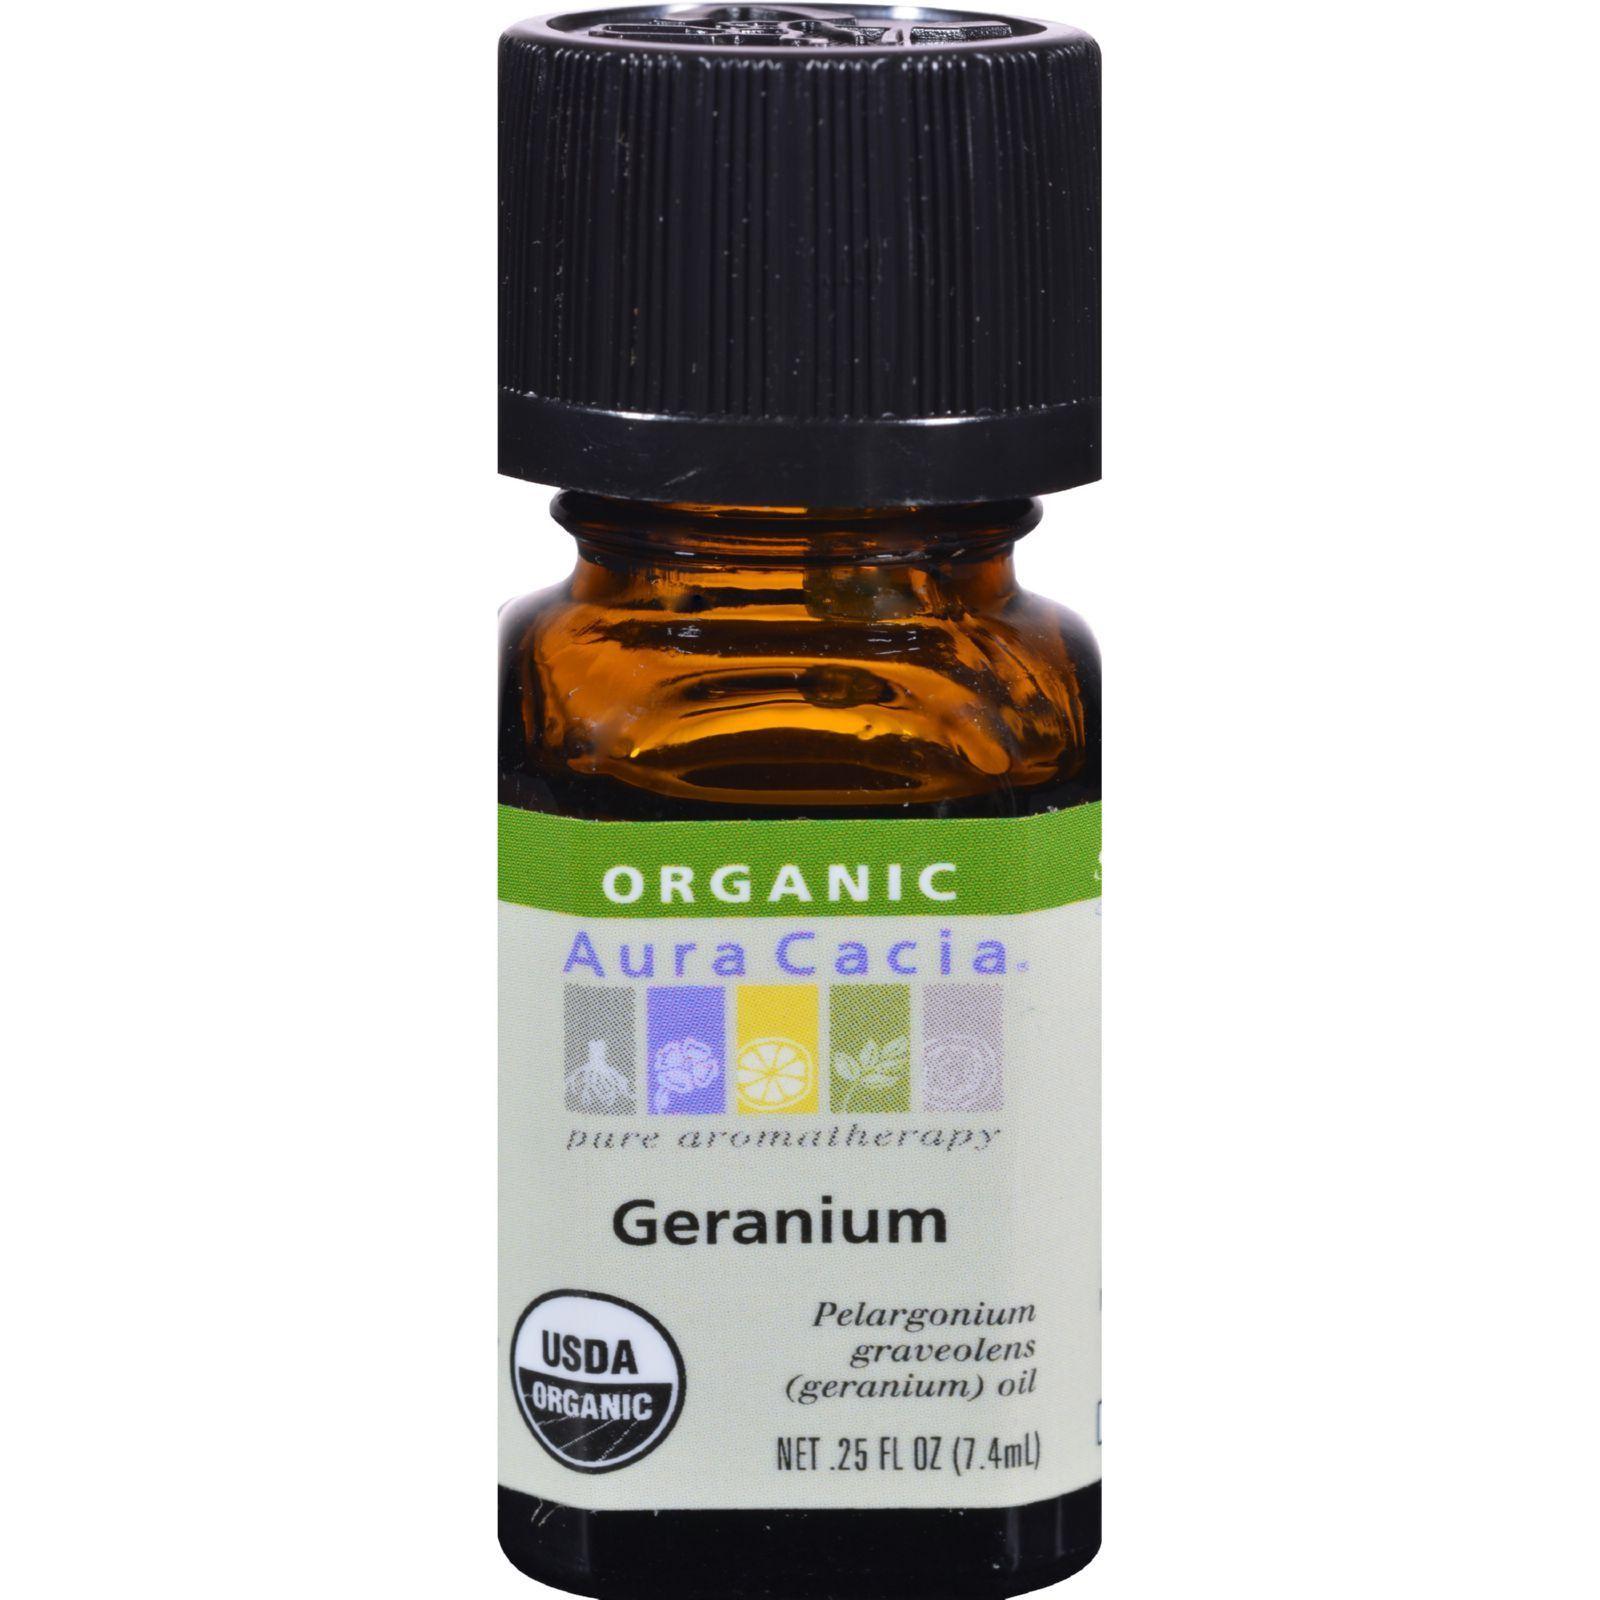 Aura Cacia Organic Geranium 25 Oz Essential Oils Rosemary Organic Essential Oils Organic Oregano Oil